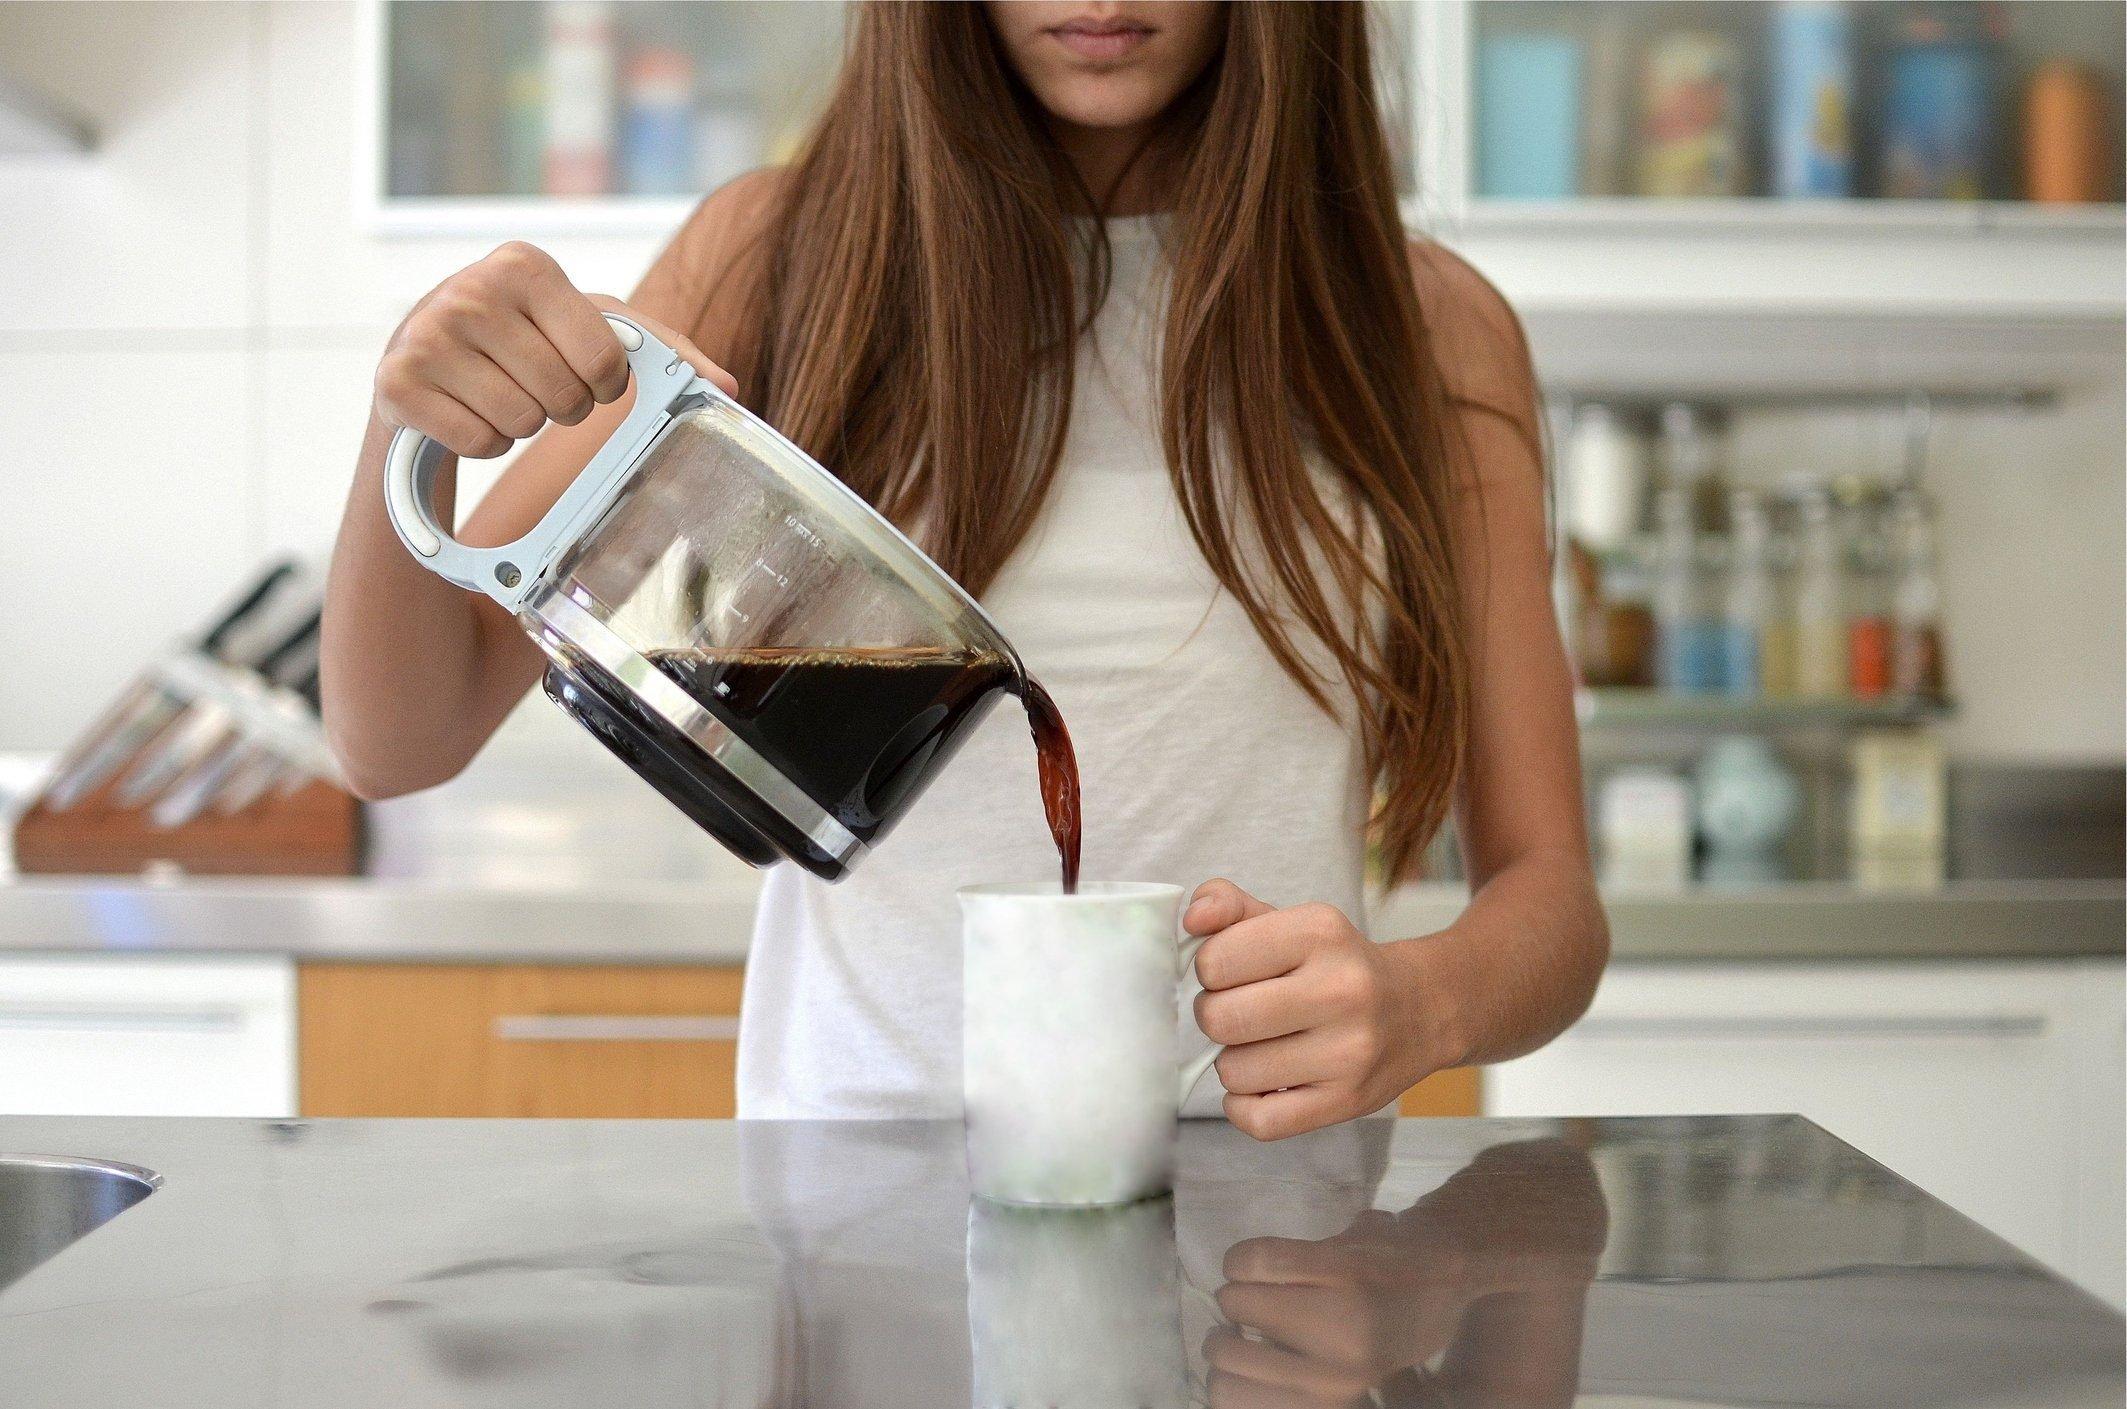 woman pouring coffee into mug